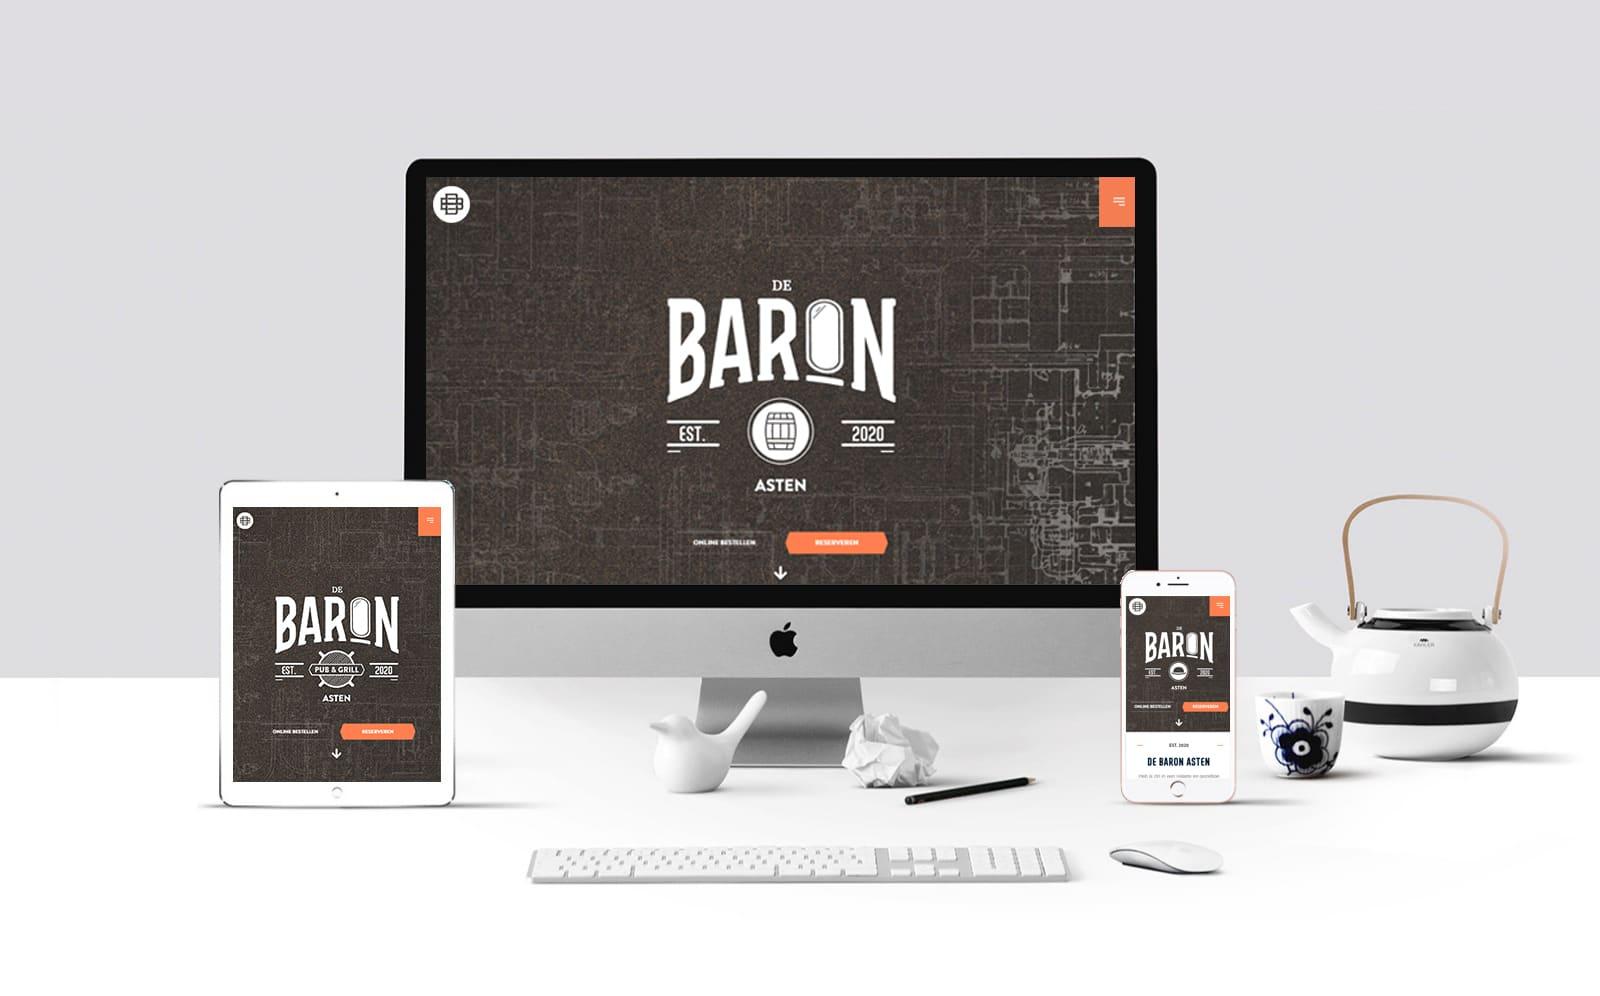 De Baron Pub & Grill – augustus 2020